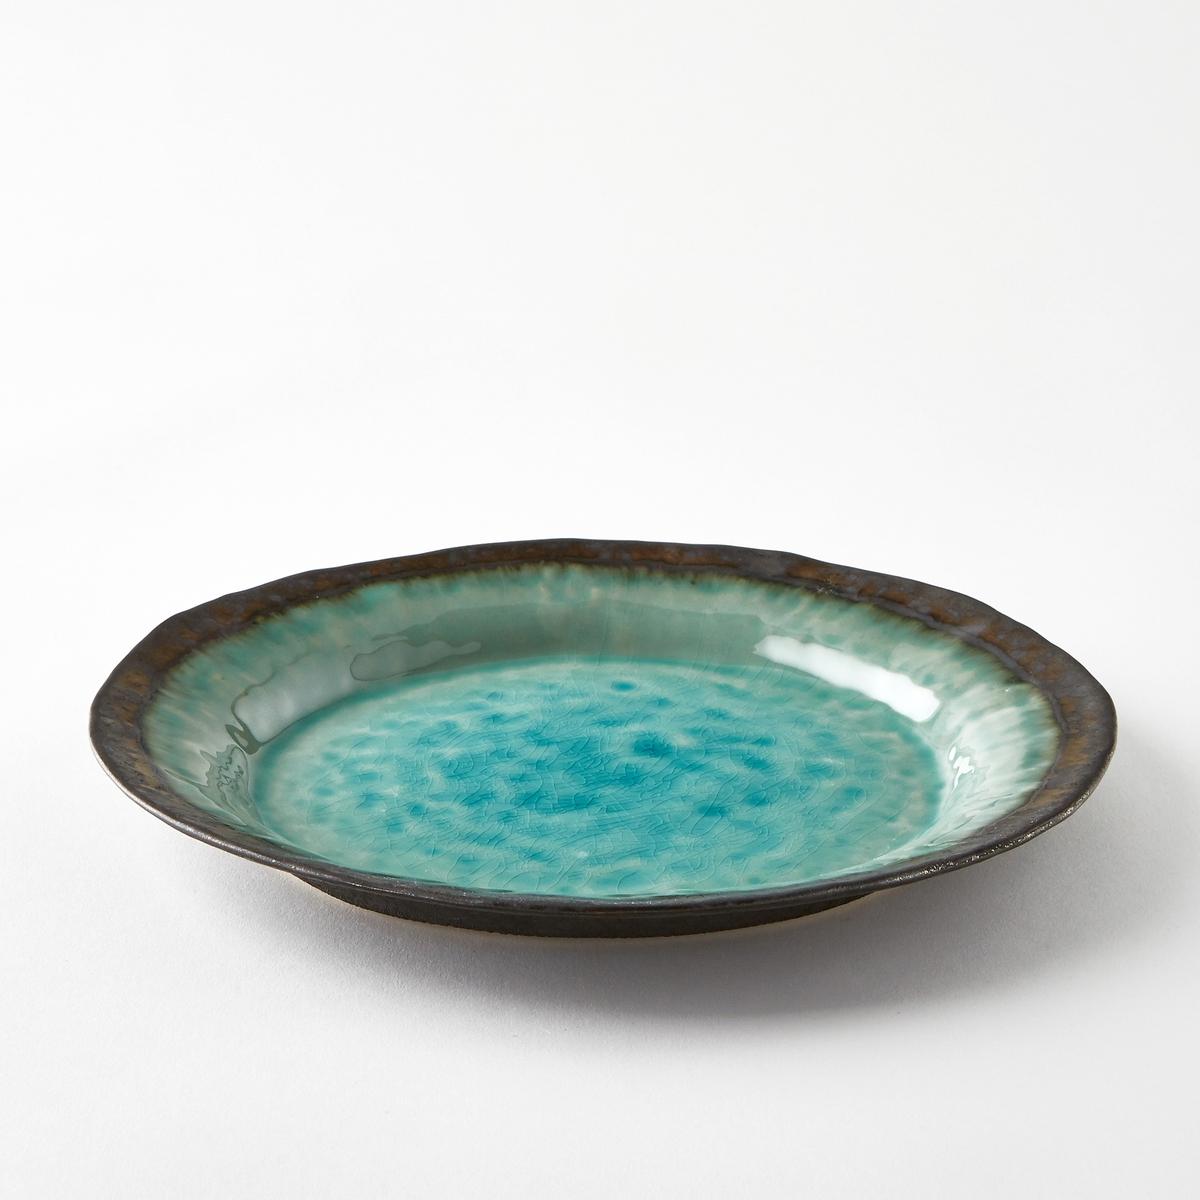 Тарелка мелкая из глазурованной керамики, AltadillНе подходит для посудомоечной машинки .<br><br>Цвет: голубой бирюзовый